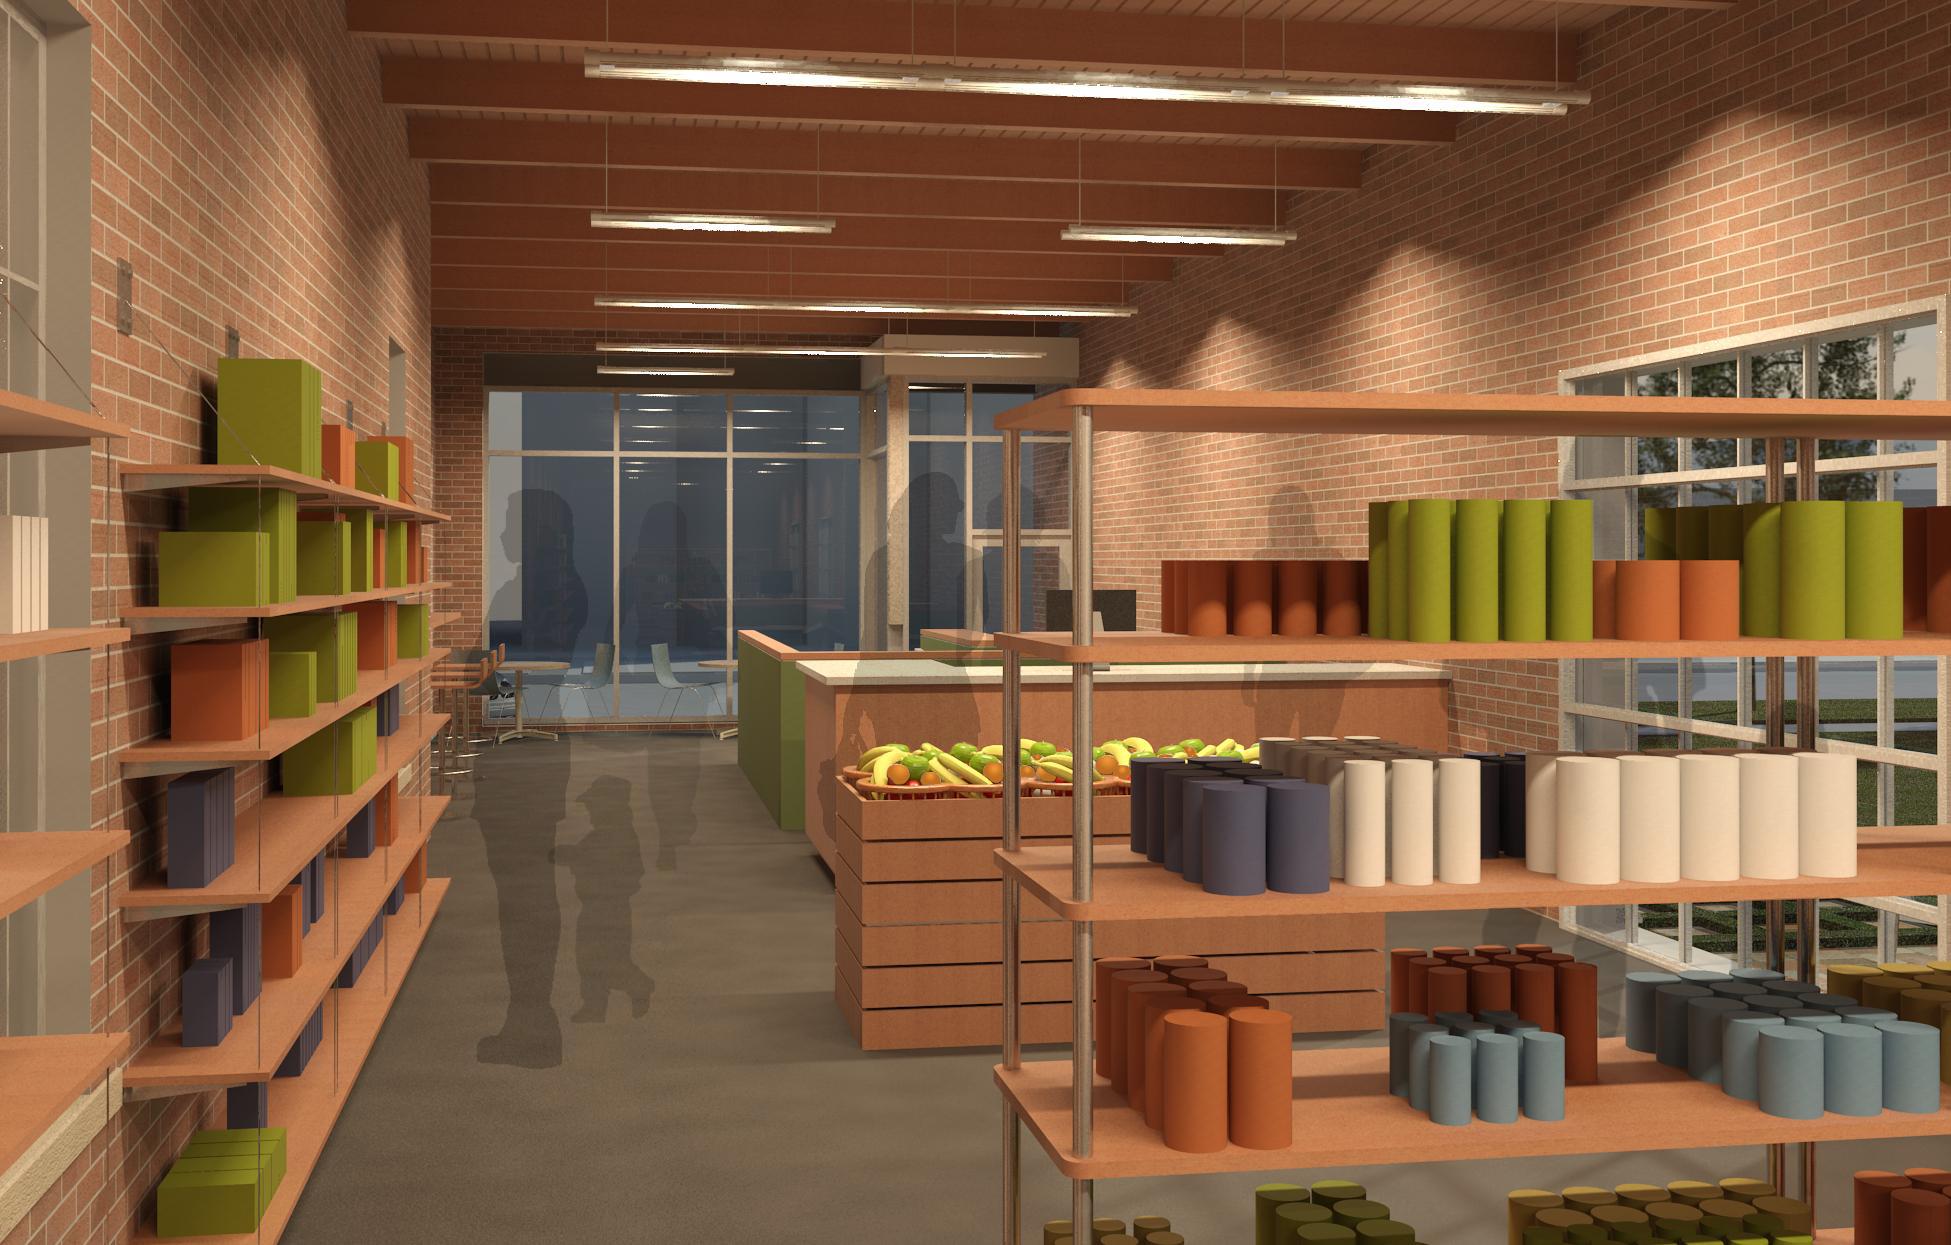 08-118_store interior